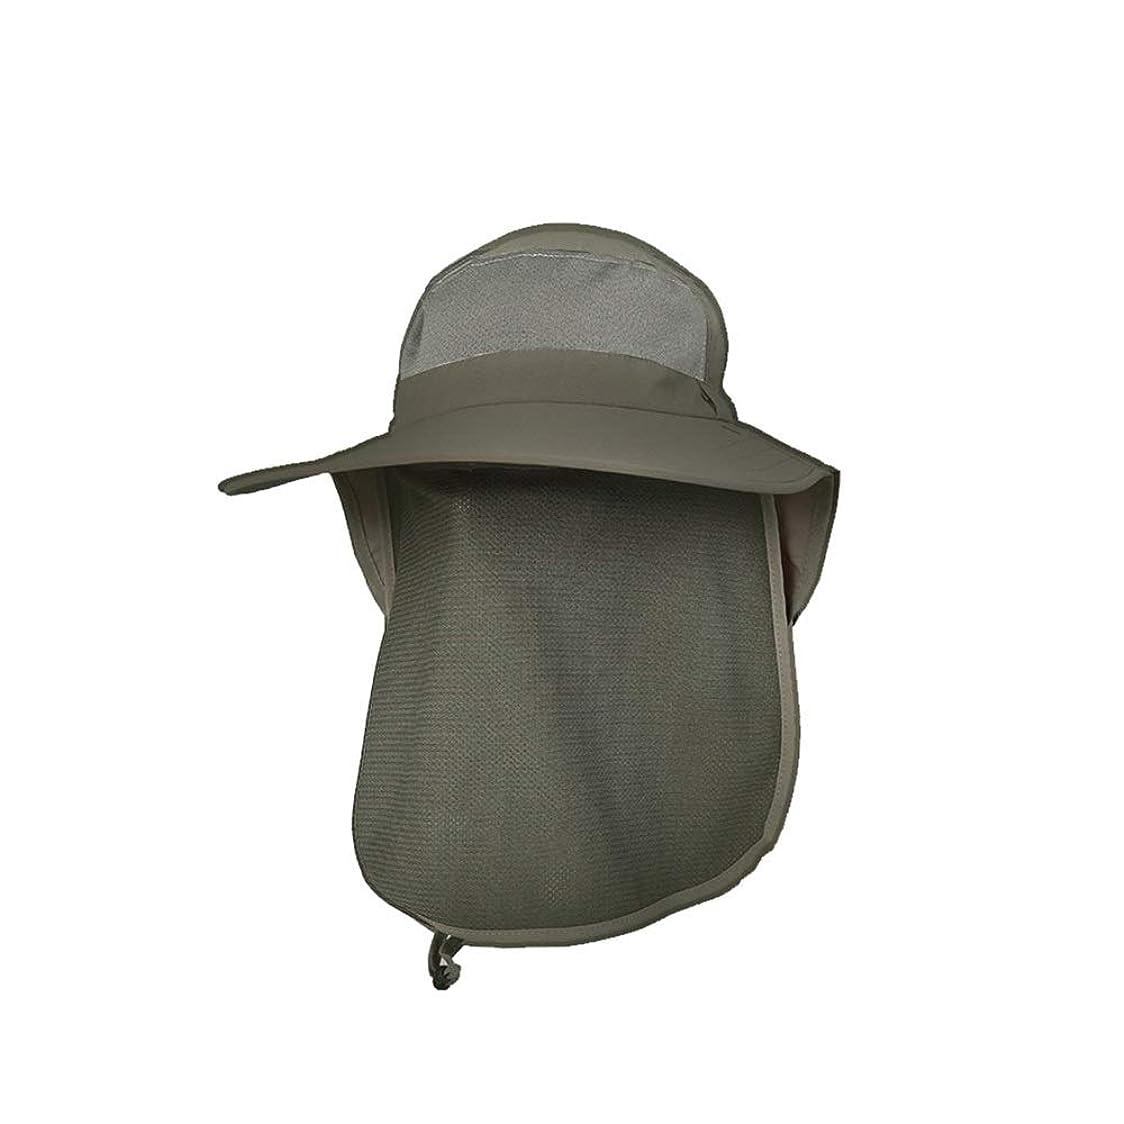 要求する広告主反応するYMS-日よけ帽 太陽の帽子メンズ夏の涼しい帽子ハイキング帽子日焼け止めUVサファリ帽子屋外日陰釣りキャップ 屋外の紫外線保護 (Color : B)